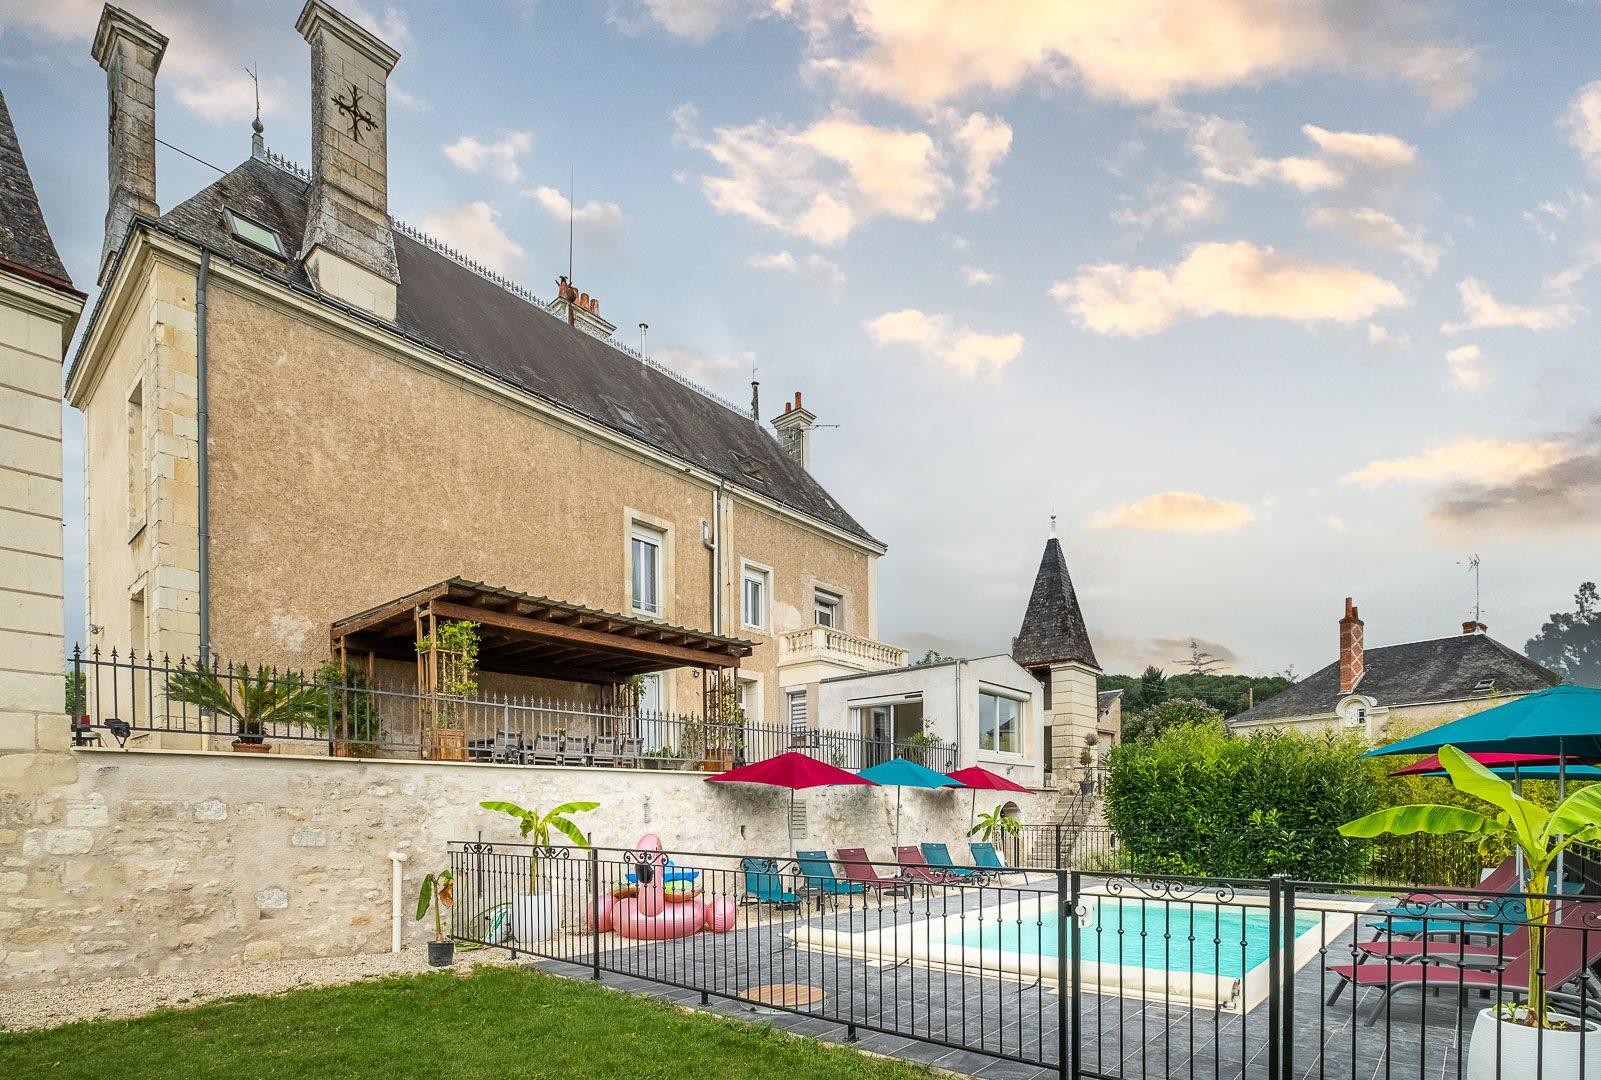 Maison d'hôtes gay friendly à Cravant-les-Côteaux